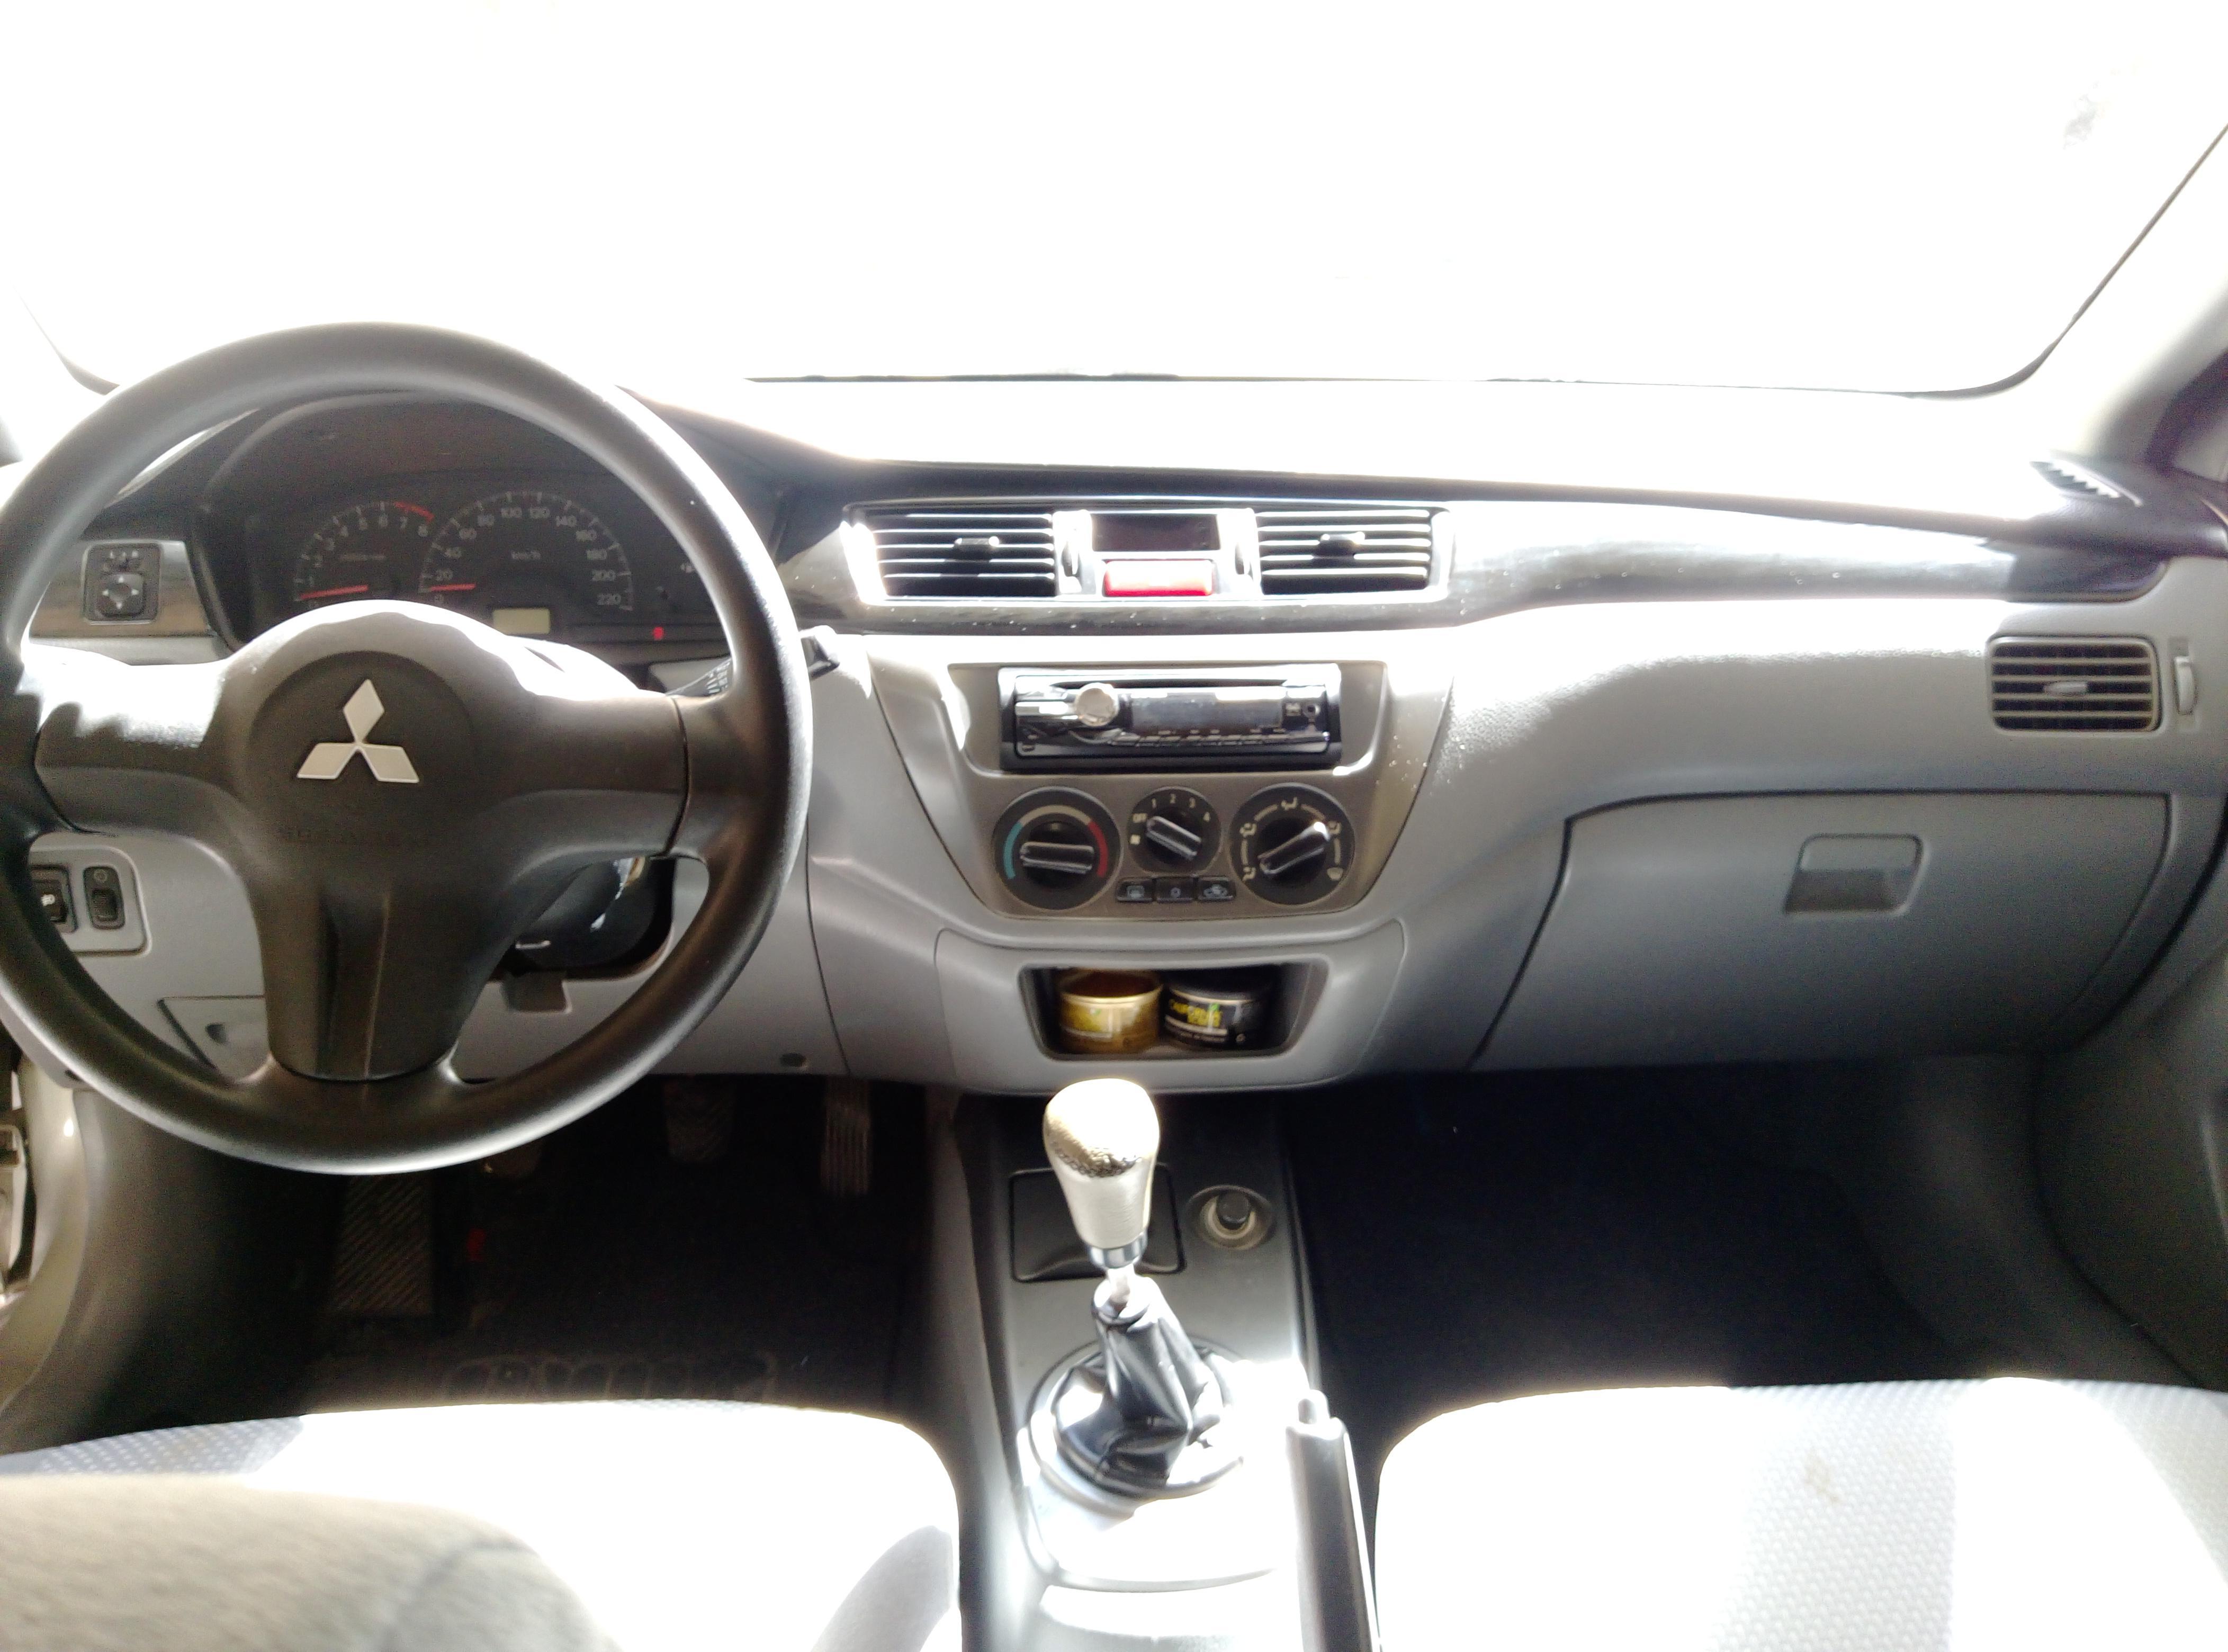 mitsubishi lancer glx manual transmission 2007 model qatar living rh qatarliving com mitsubishi lancer glx user manual pdf Mitsubishi Lancer GLXi